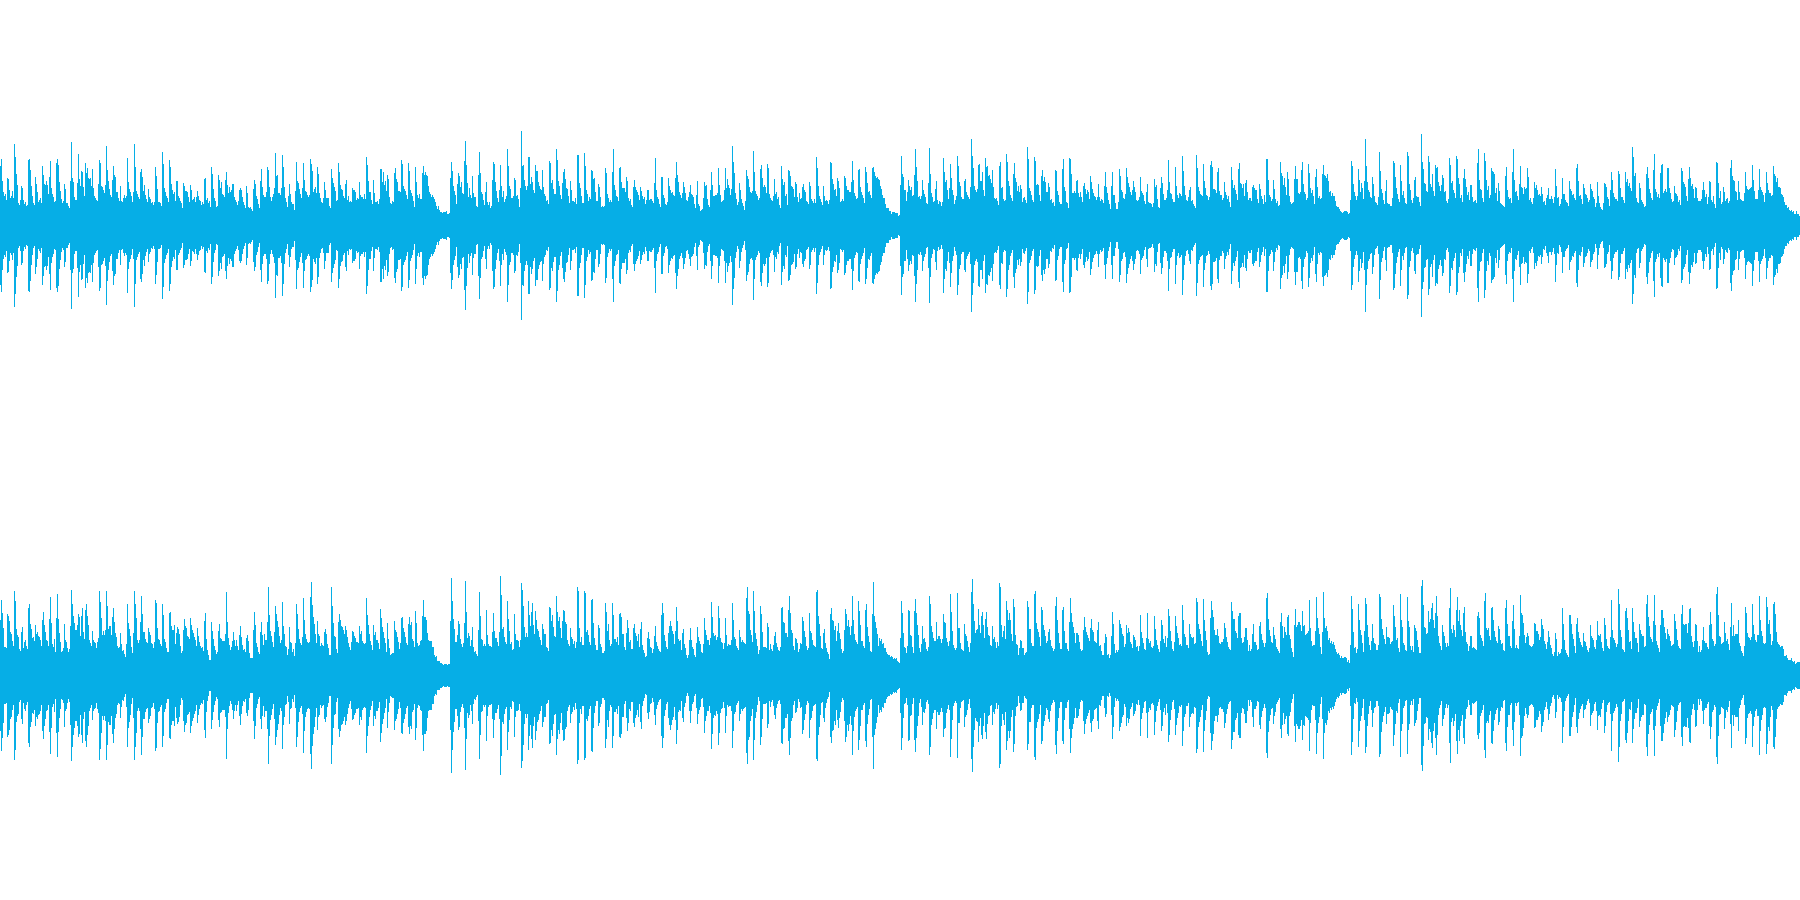 【ループ可】和楽器を使った和風ジングルの再生済みの波形